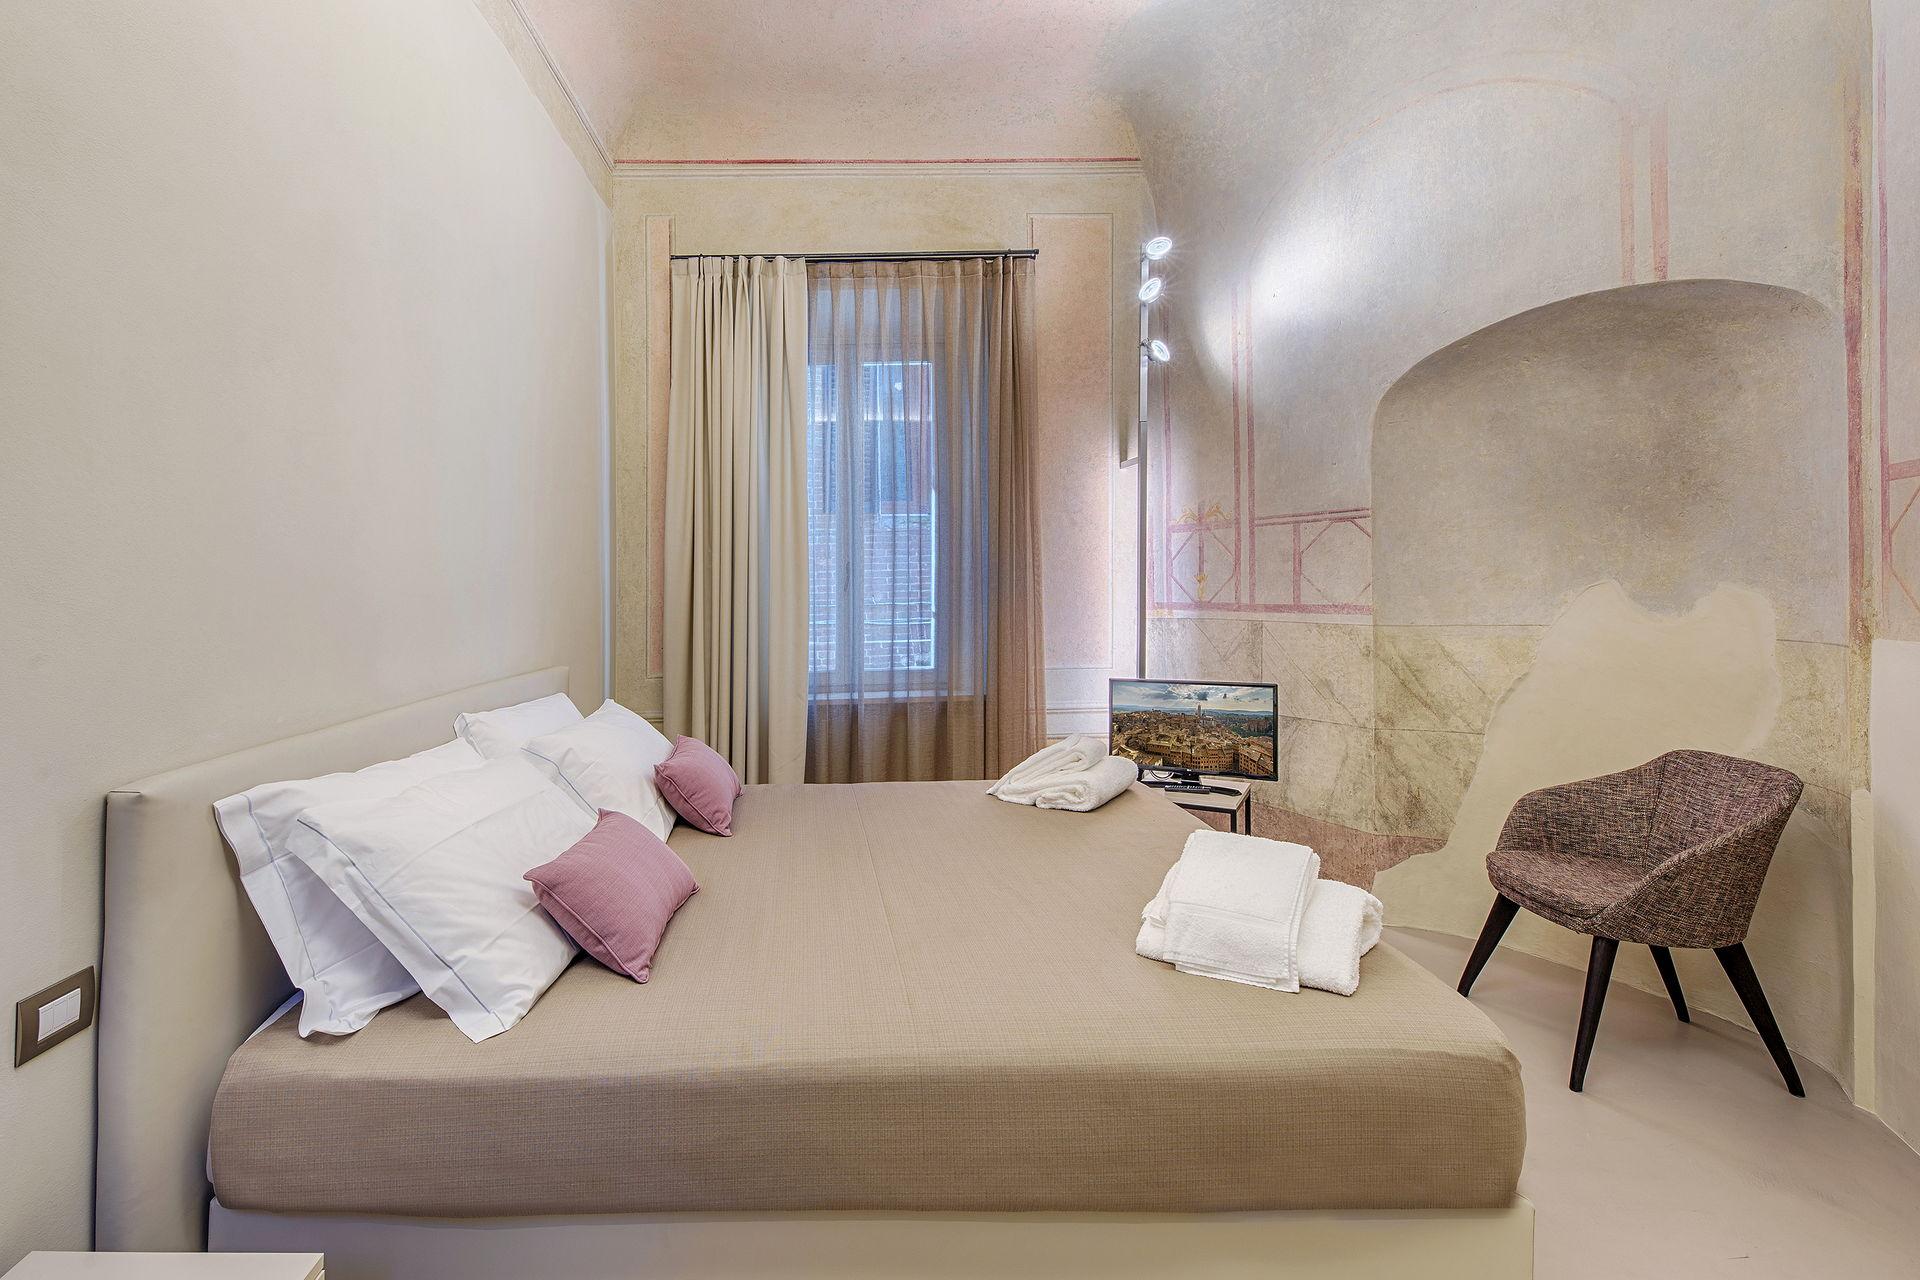 Residenza d'epoca Le Aquile - Bed and Breakfast luxury nel centro di Siena - giardino d'inverno 1